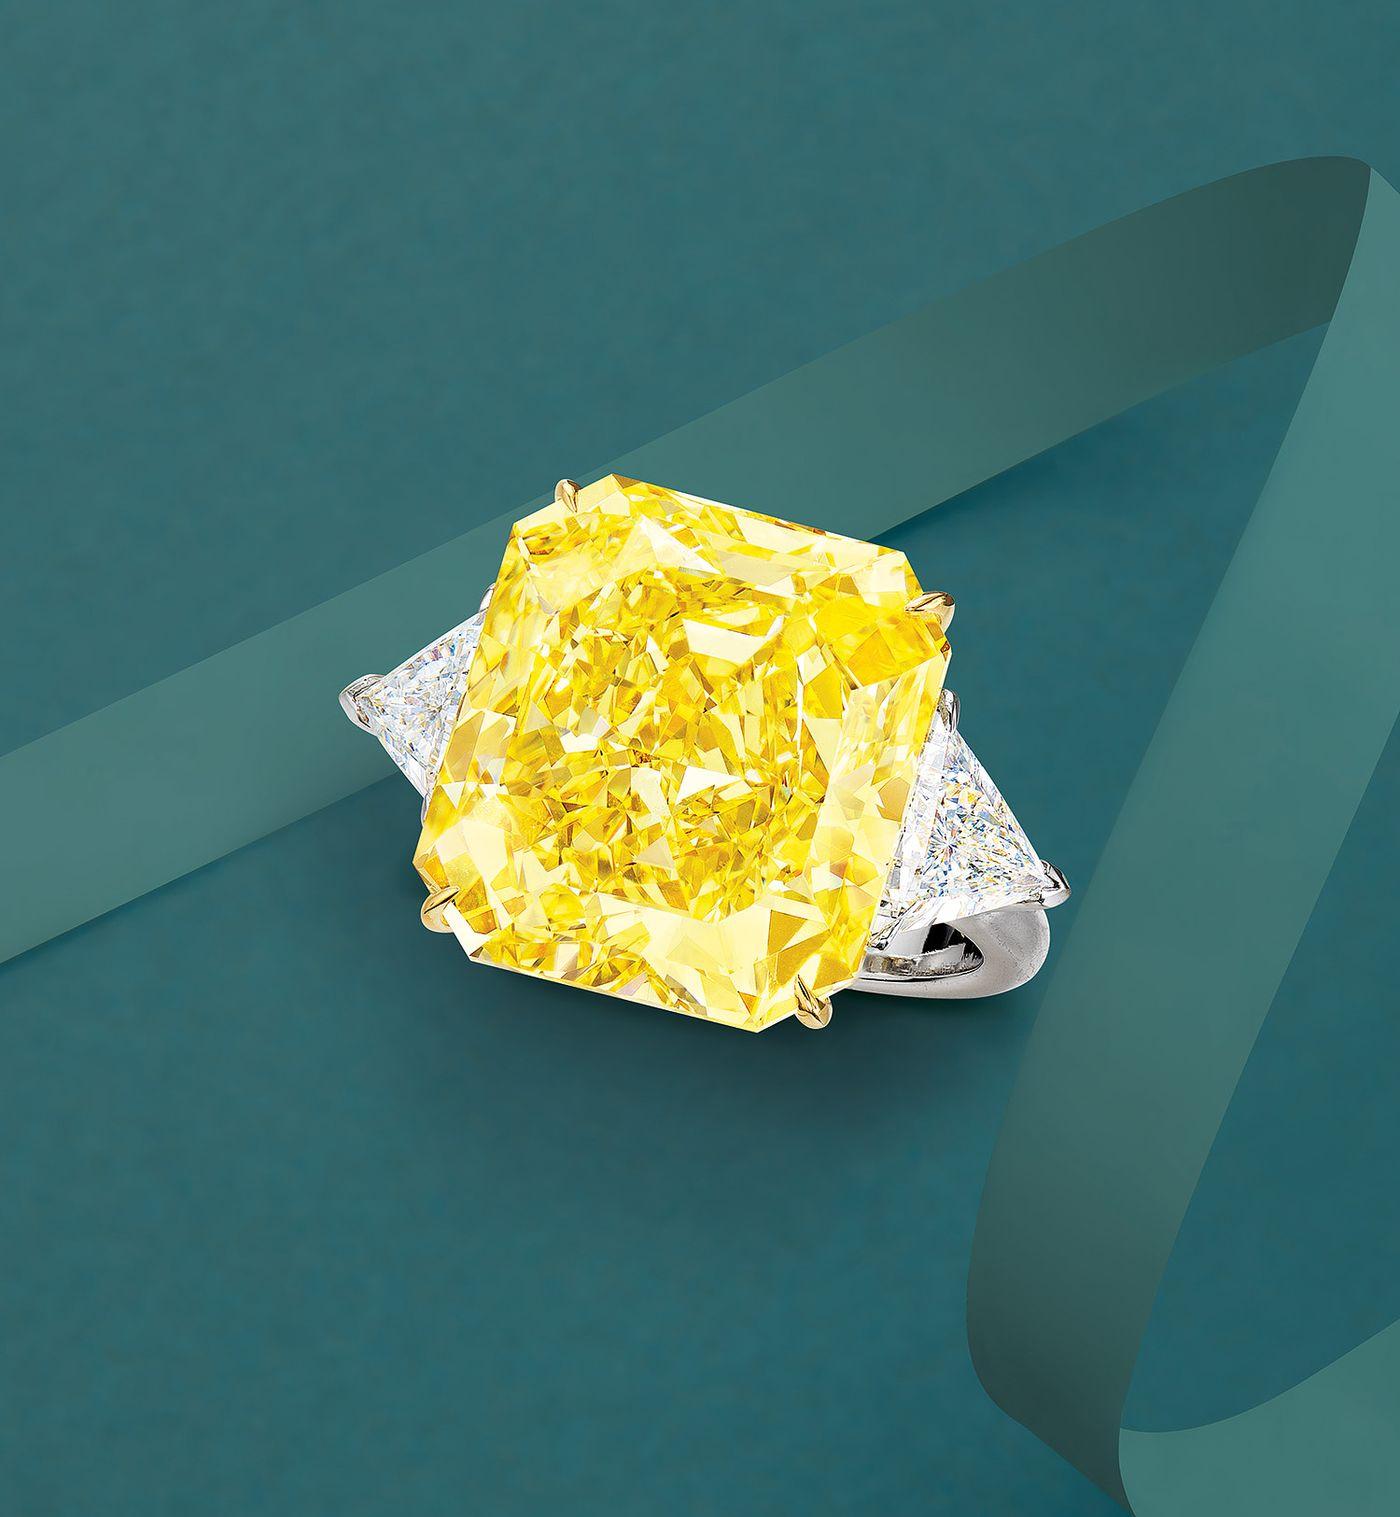 重逾20克拉傲人份量的頂級黃鑽,在彩色級鑽石裡絶對是王者中的王者